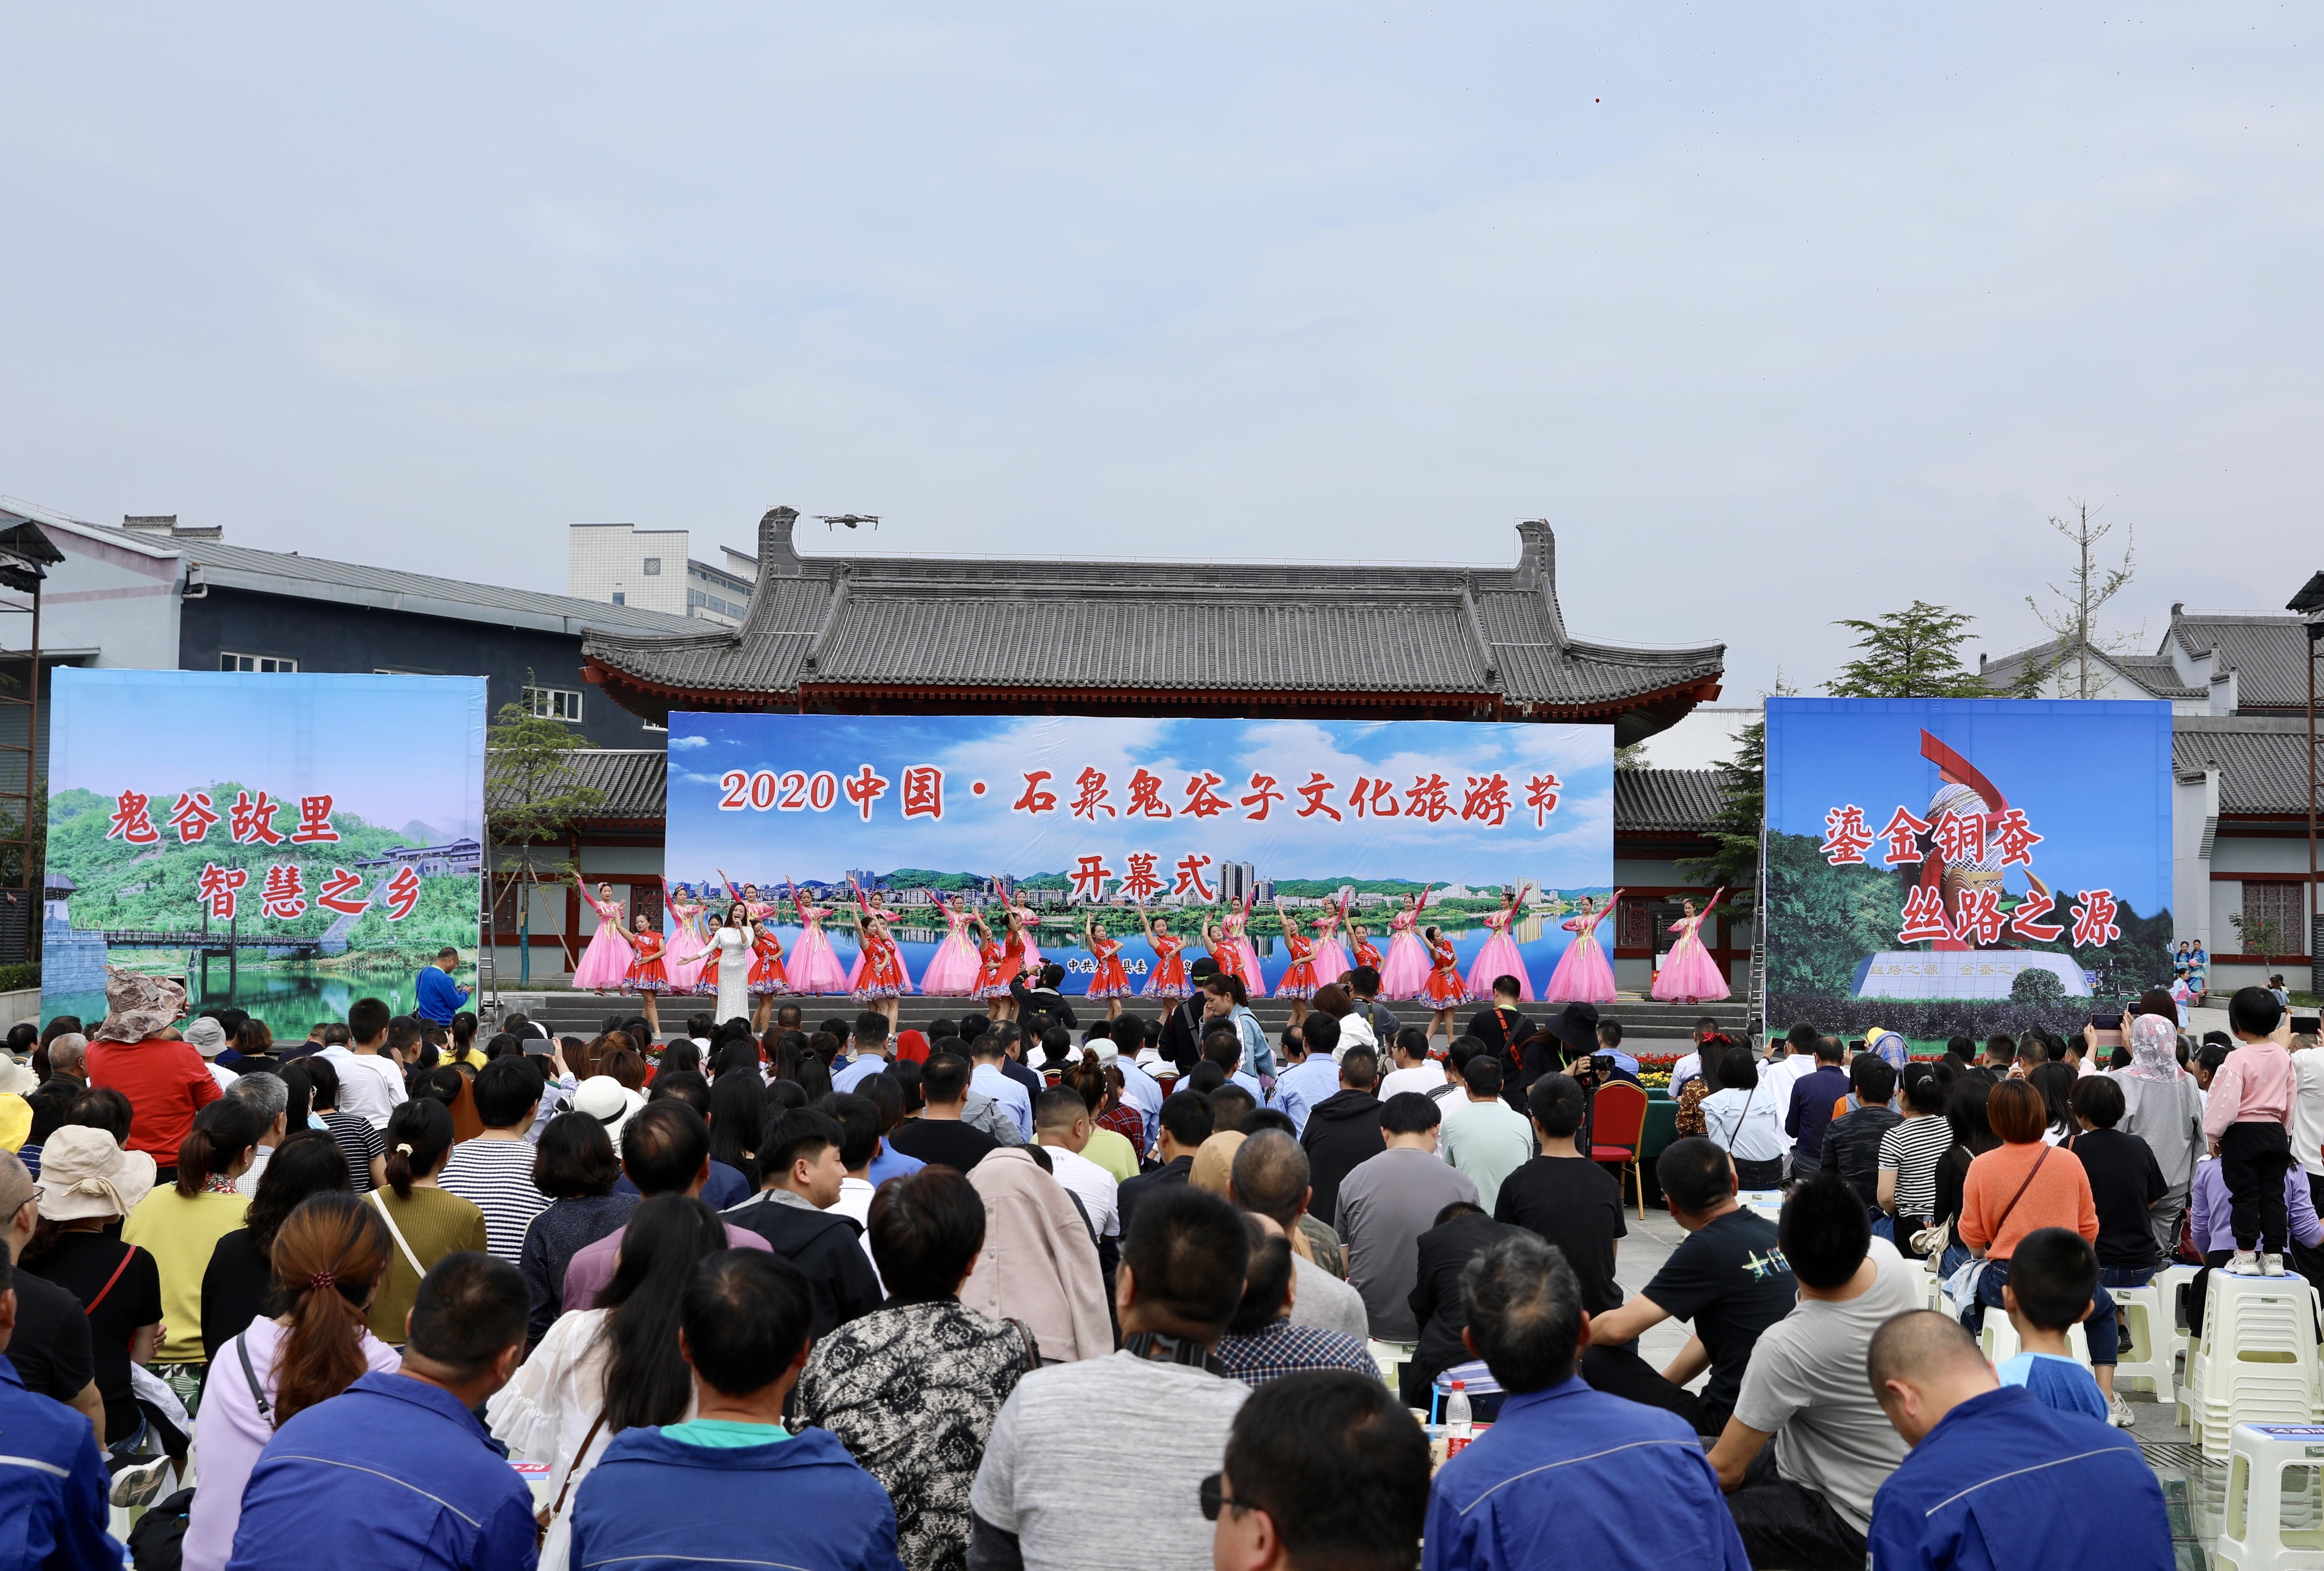 中國·石泉鬼谷子文化旅遊節開幕